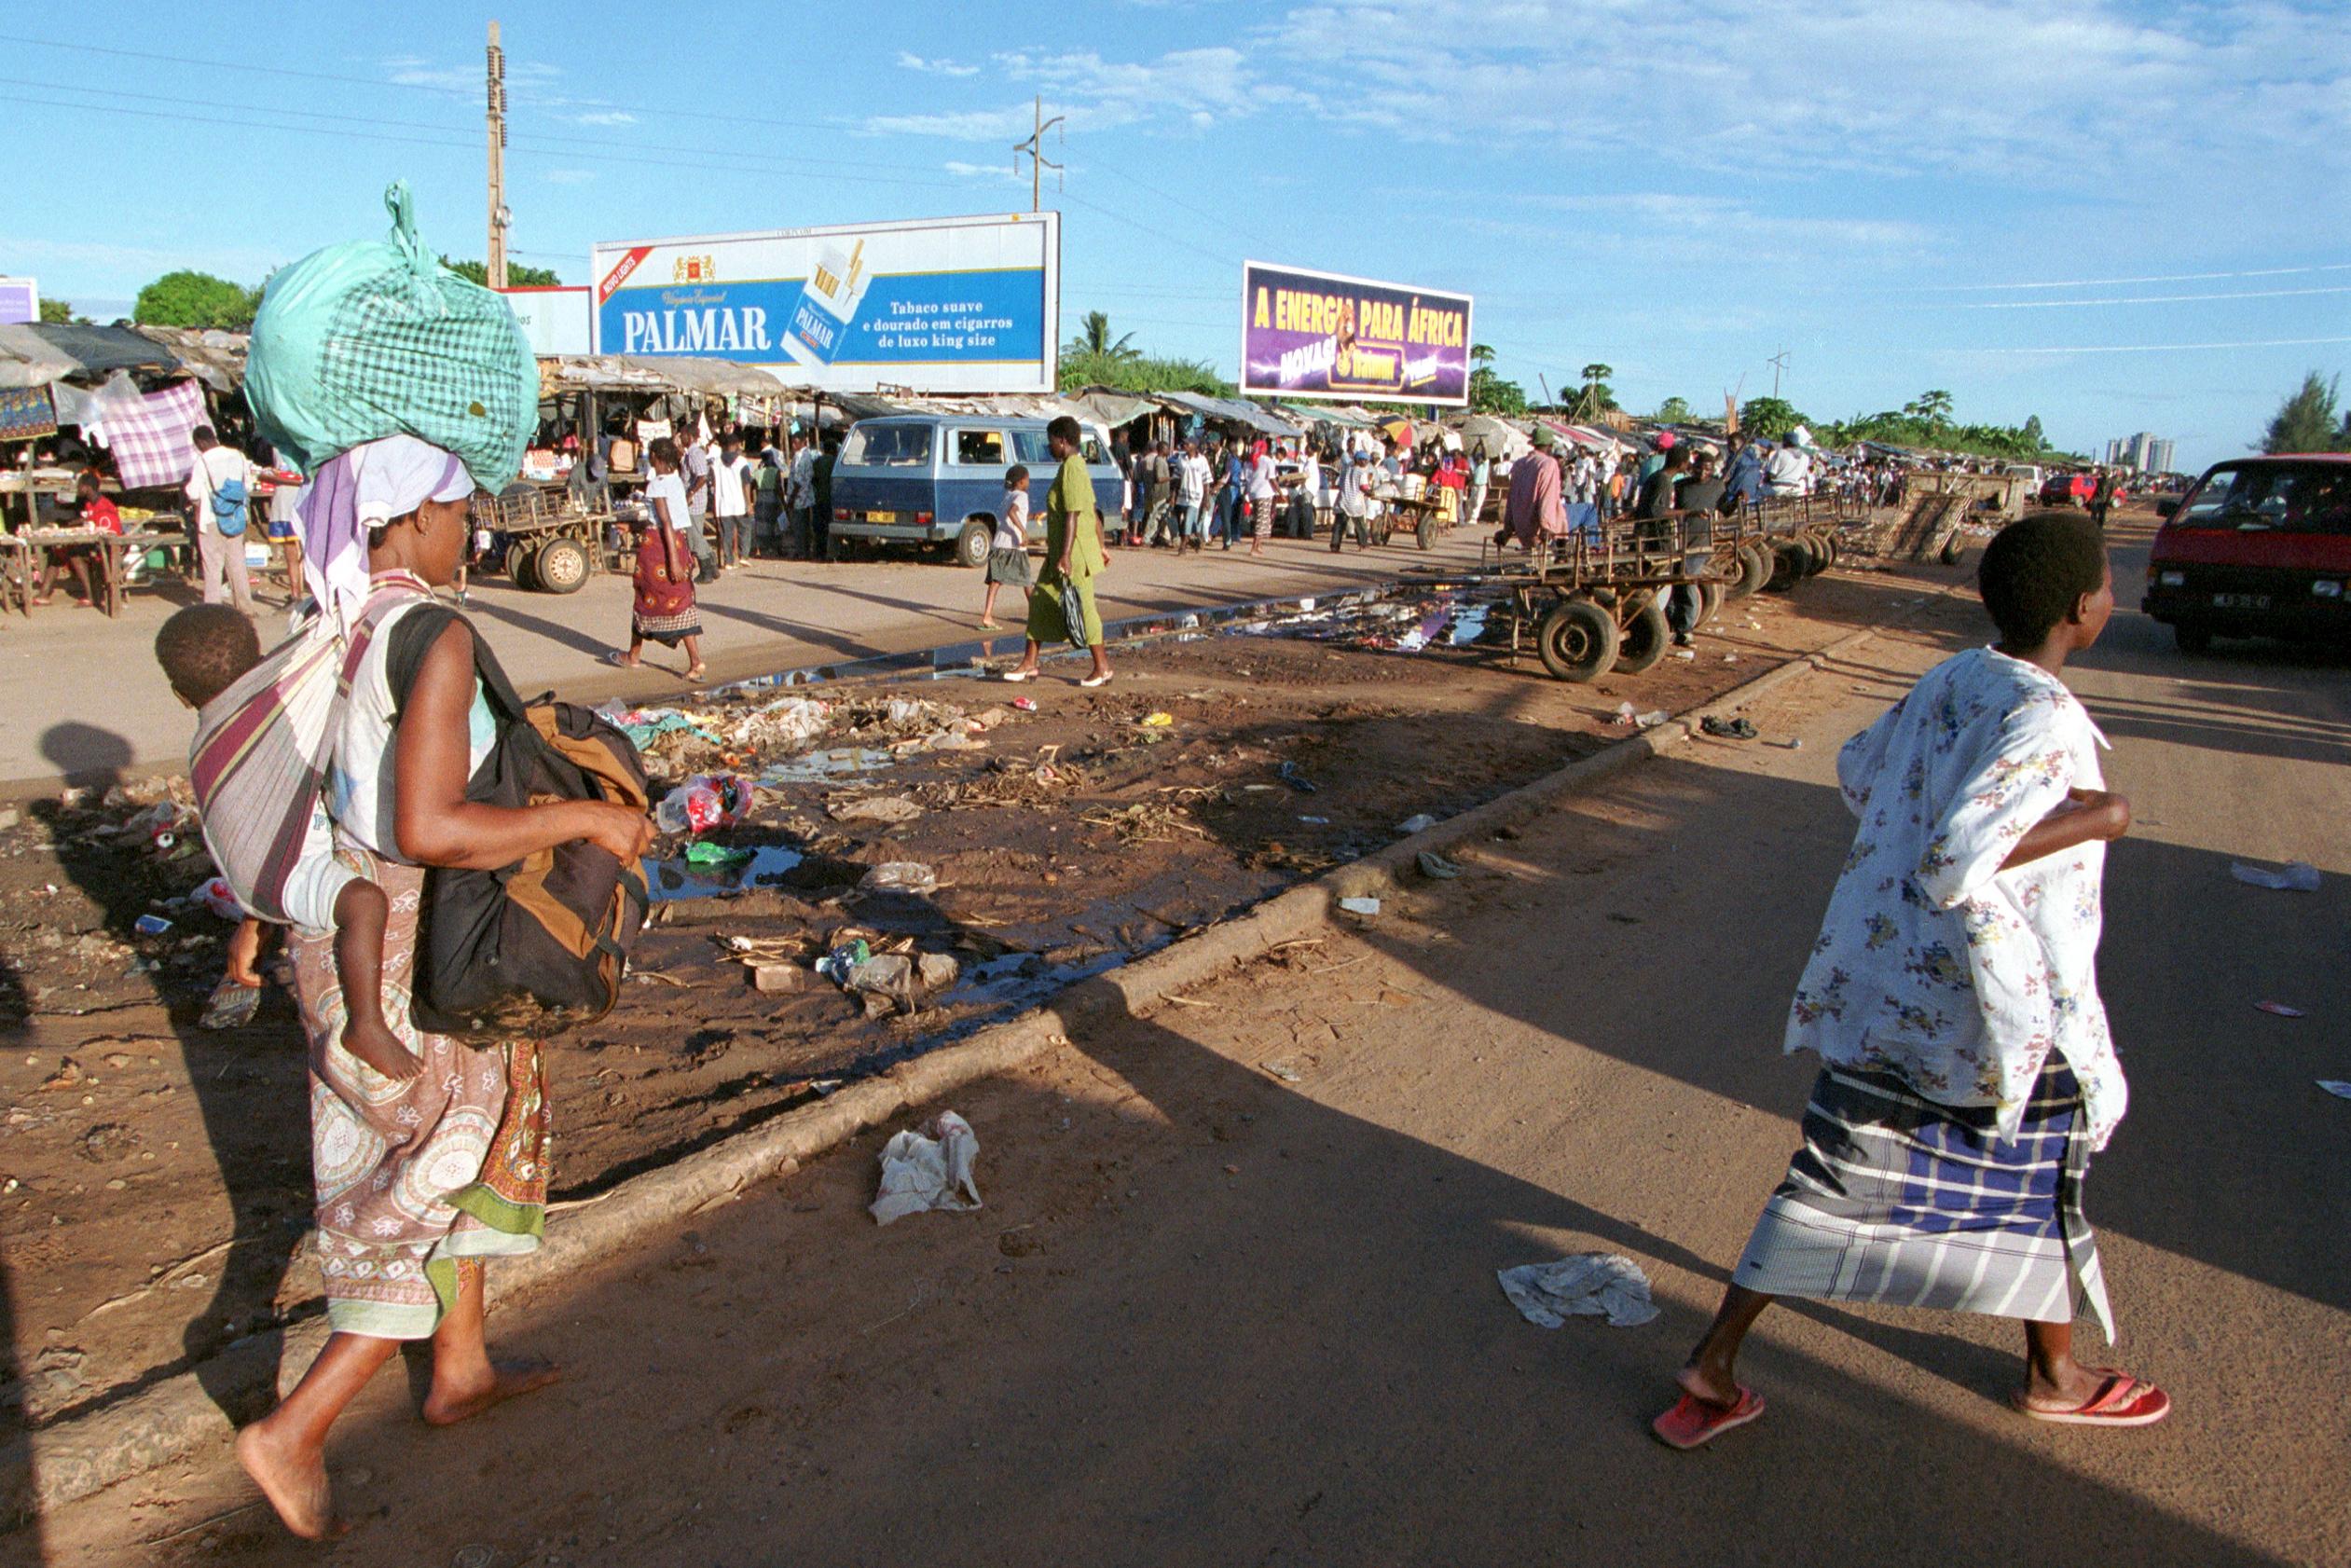 Straßenszene in Maputo, der Hauptstadt von Mosambik